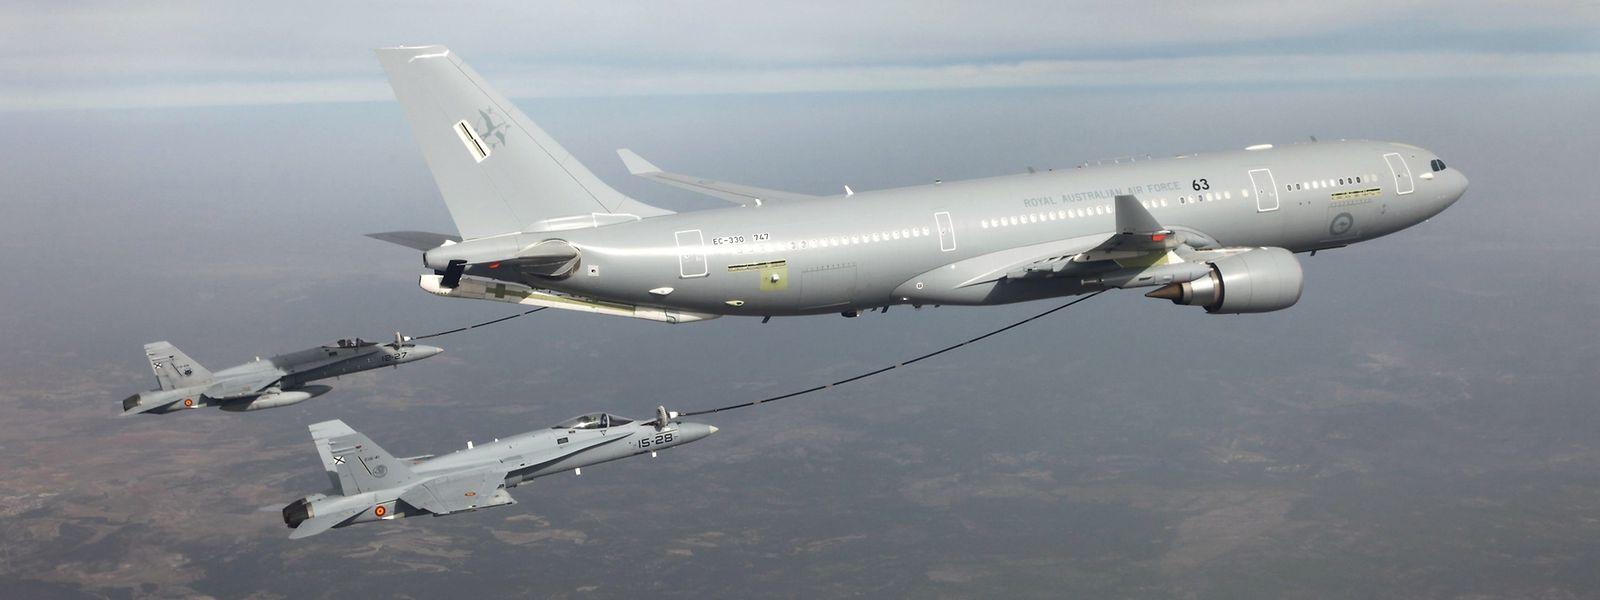 Mithilfe der Mehrzweck-Tank- und Transportflugzeuge (MRTT) können beispielsweise Kampfjets in der Luft betankt werden.